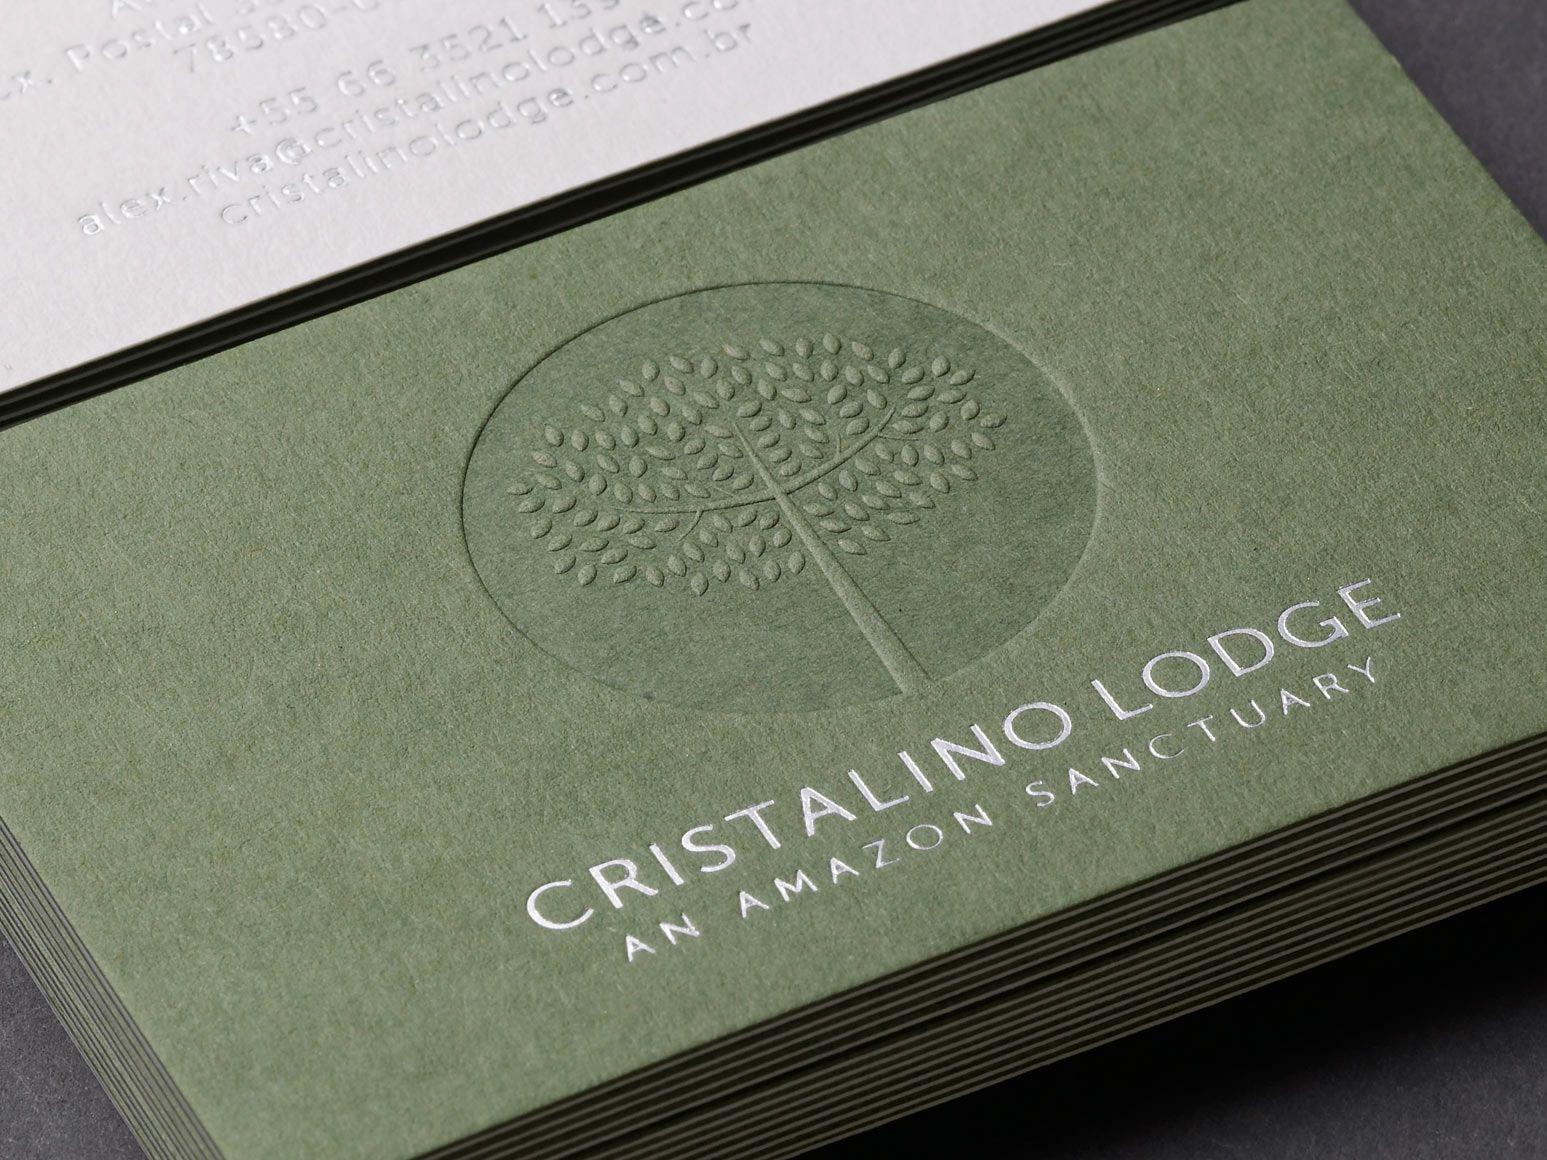 Stilvoll Geprägt Und Prägung Visitenkarten Mit Karte Schöne